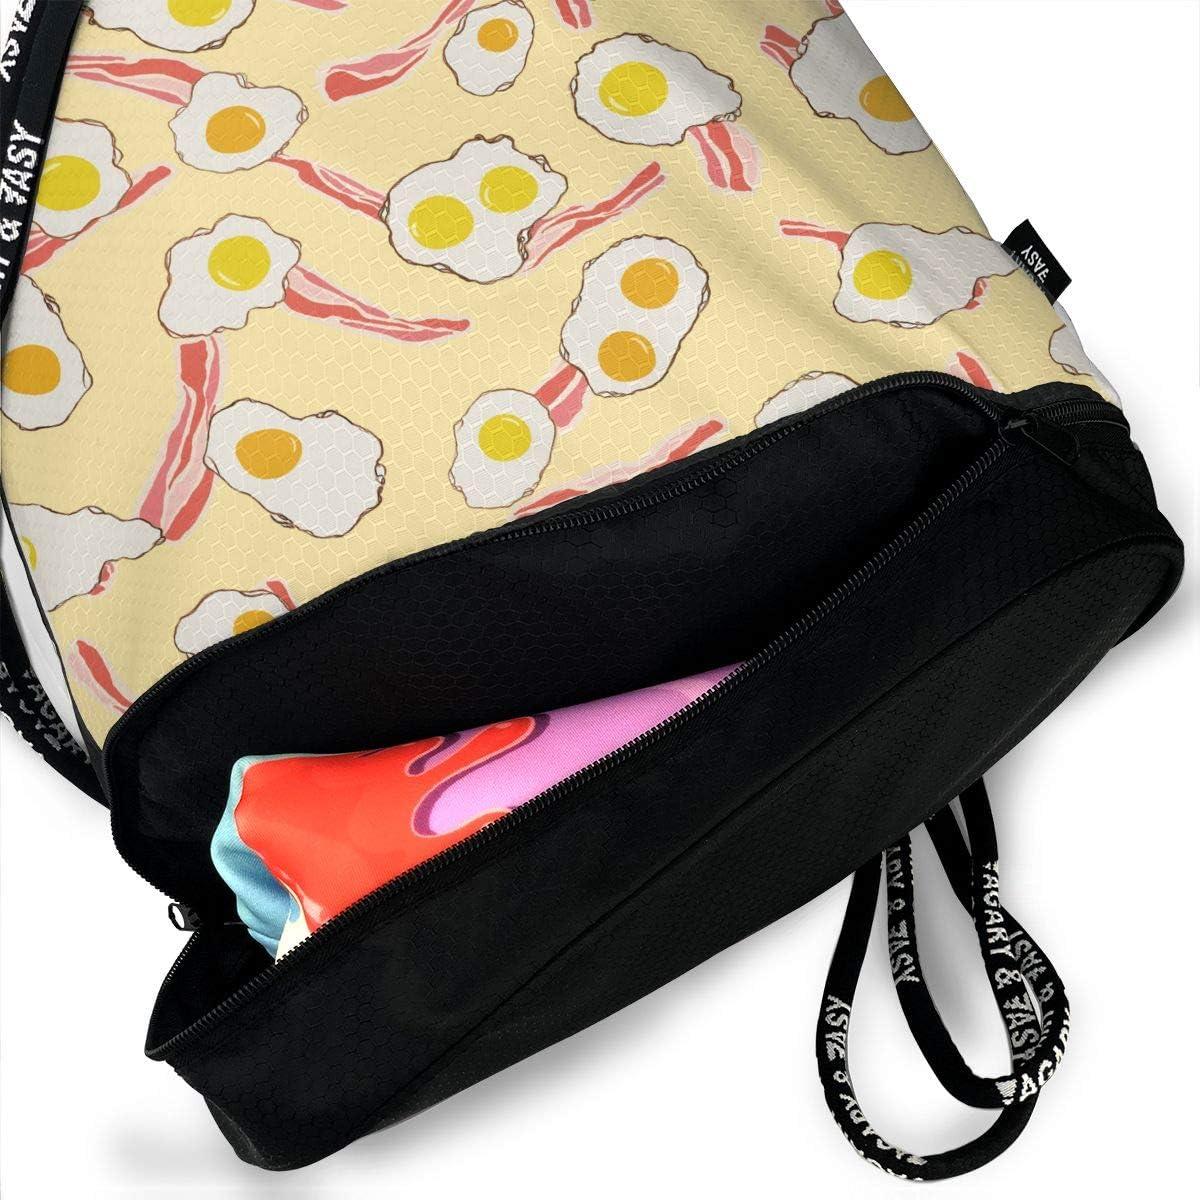 Drawstring Backpack Breakfast Sandwich Bacon Eggs Bags